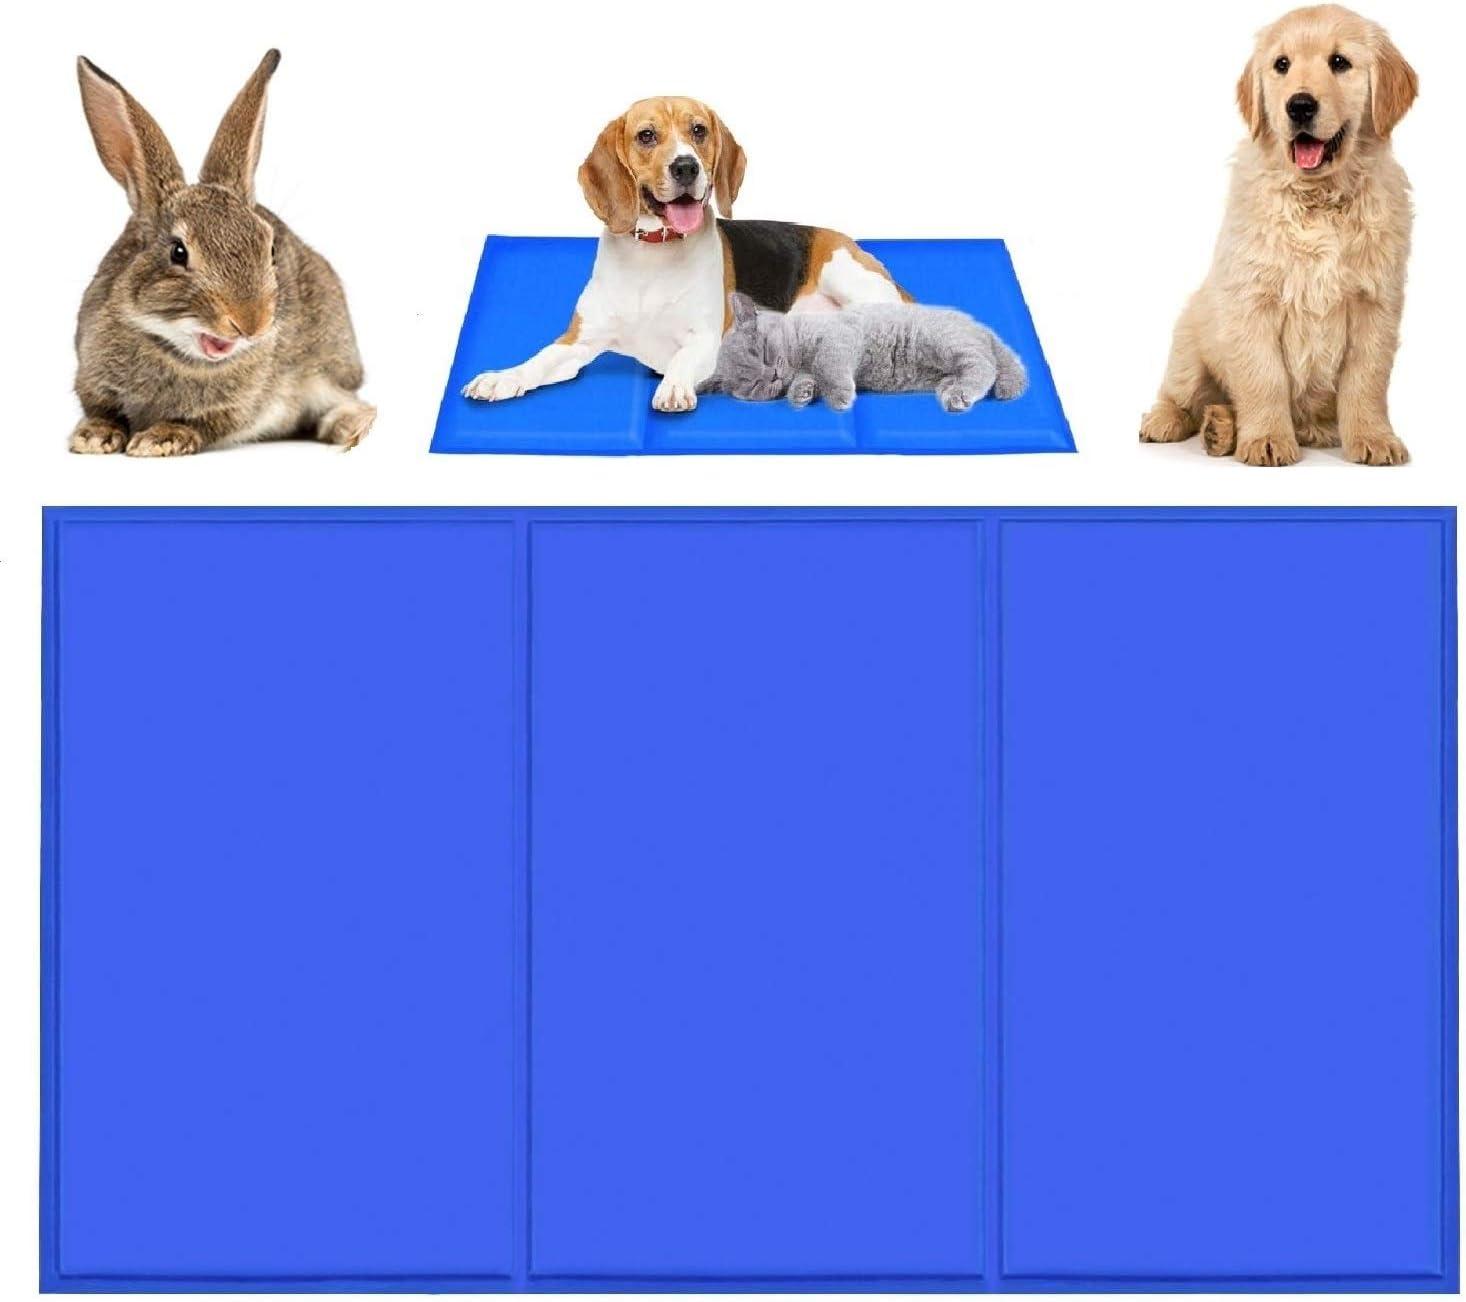 Qisiewell Esterilla de refrigeración para perros y gatos, color azul, L 90 x 50 cm, para perros y gatos, cojín de refrigeración refrigerante, manta de gel frío, para gatos y perros